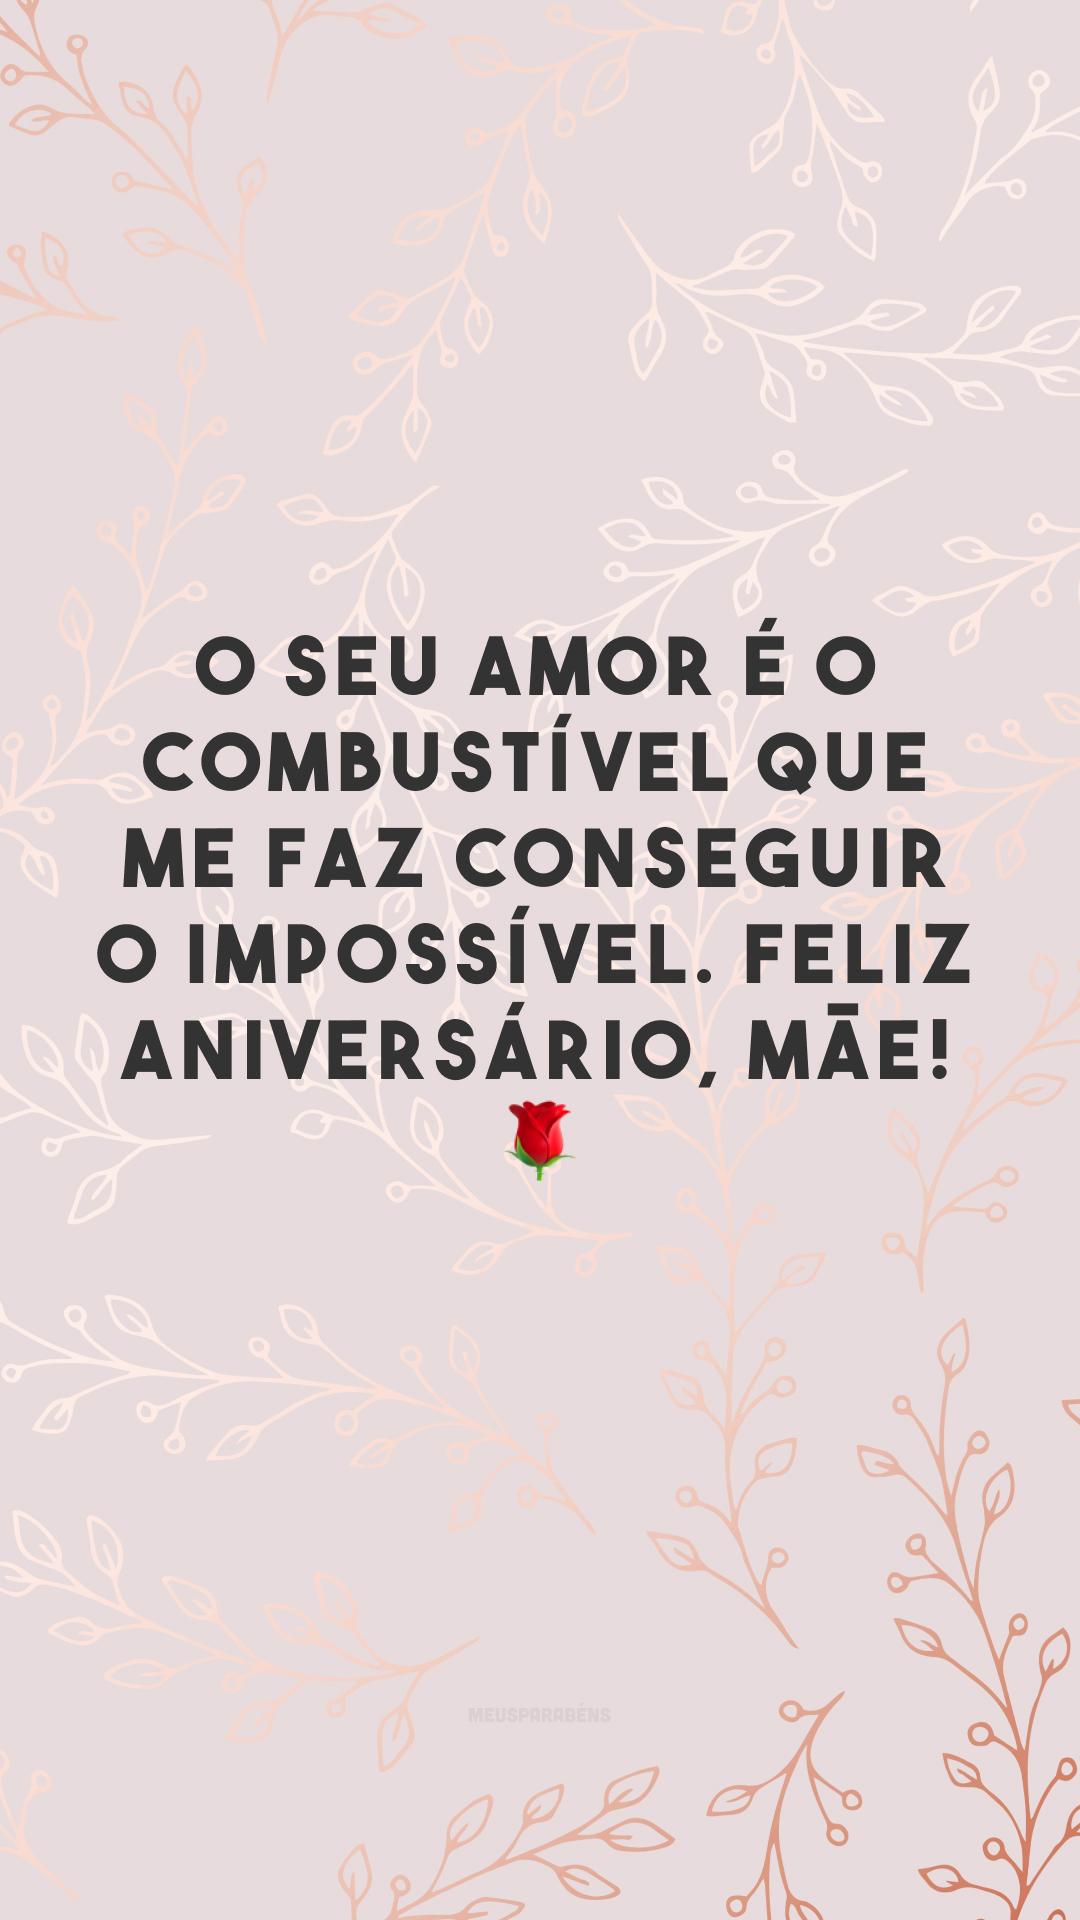 O seu amor é o combustível que me faz conseguir o impossível. Feliz aniversário, mãe! 🌹